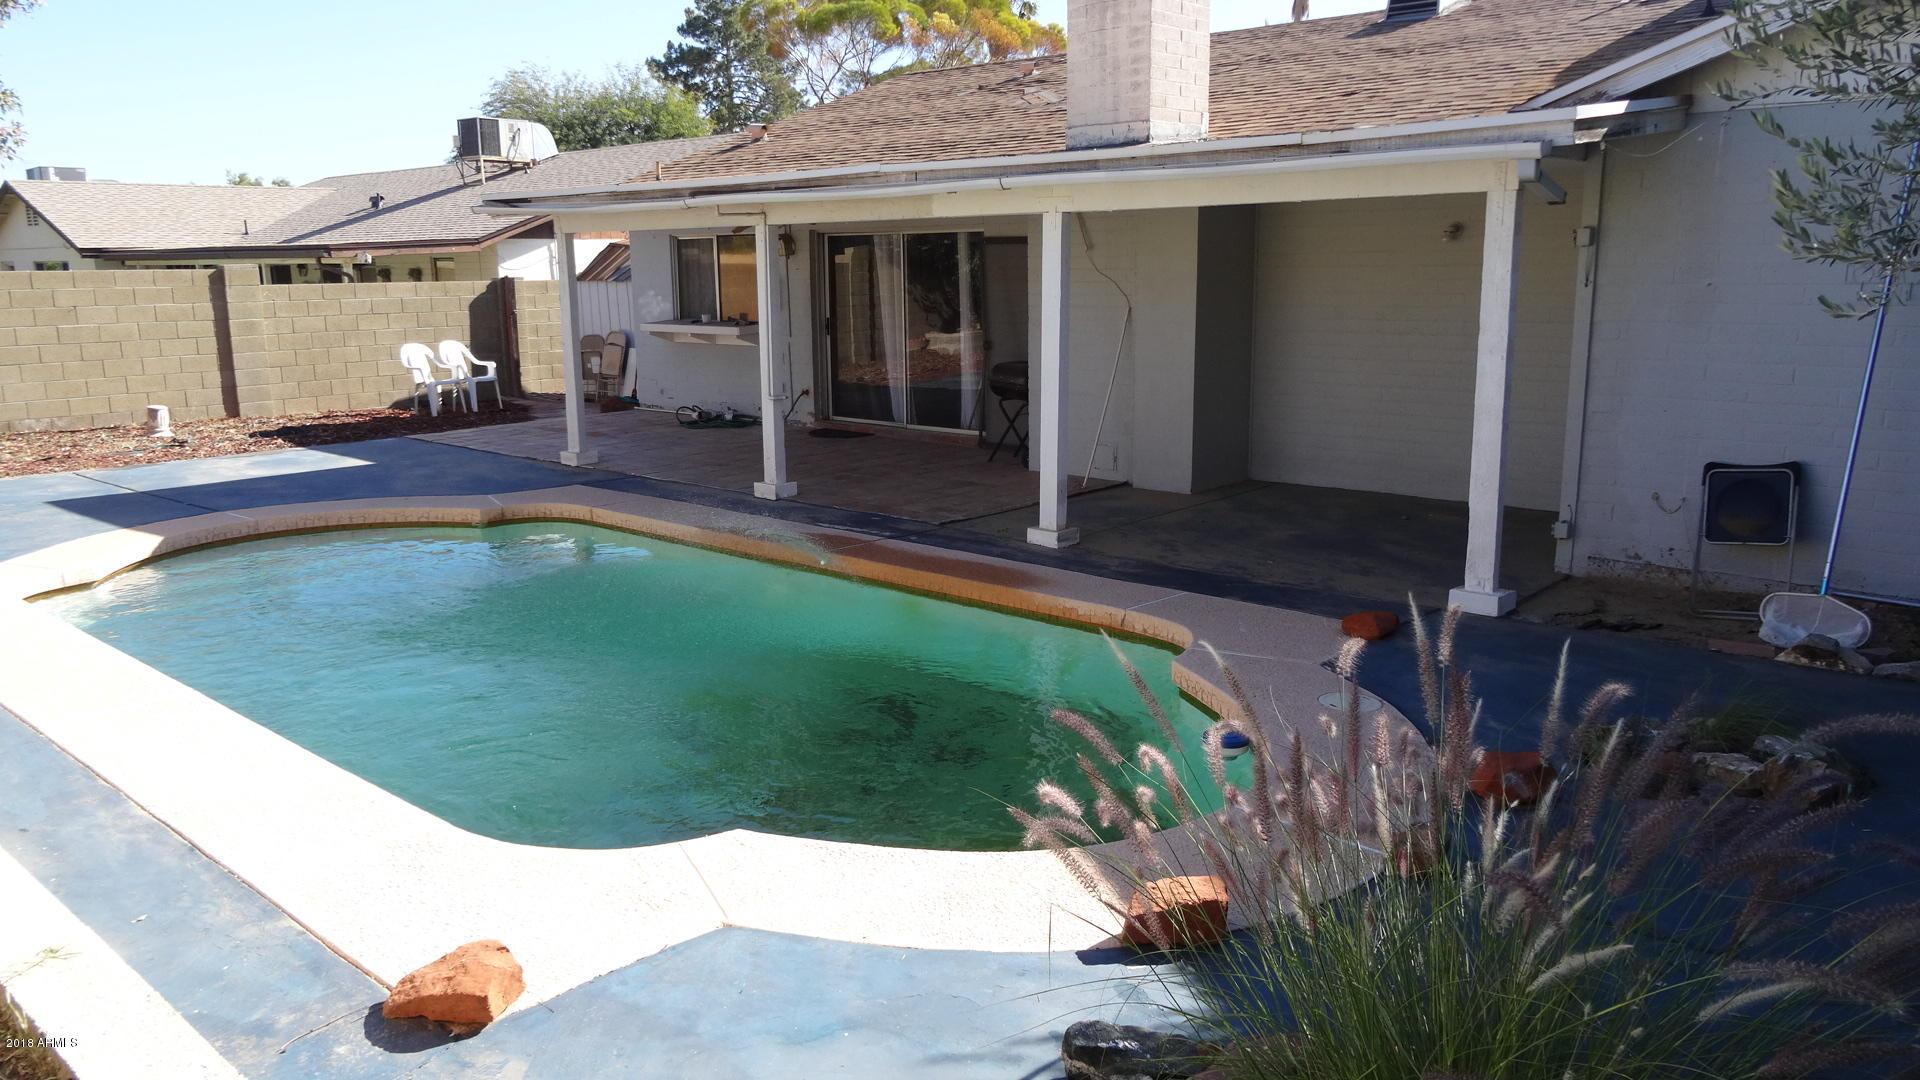 MLS 5852398 4320 E ALTA MESA Avenue, Phoenix, AZ 85044 Phoenix AZ Desert Foothills Estates